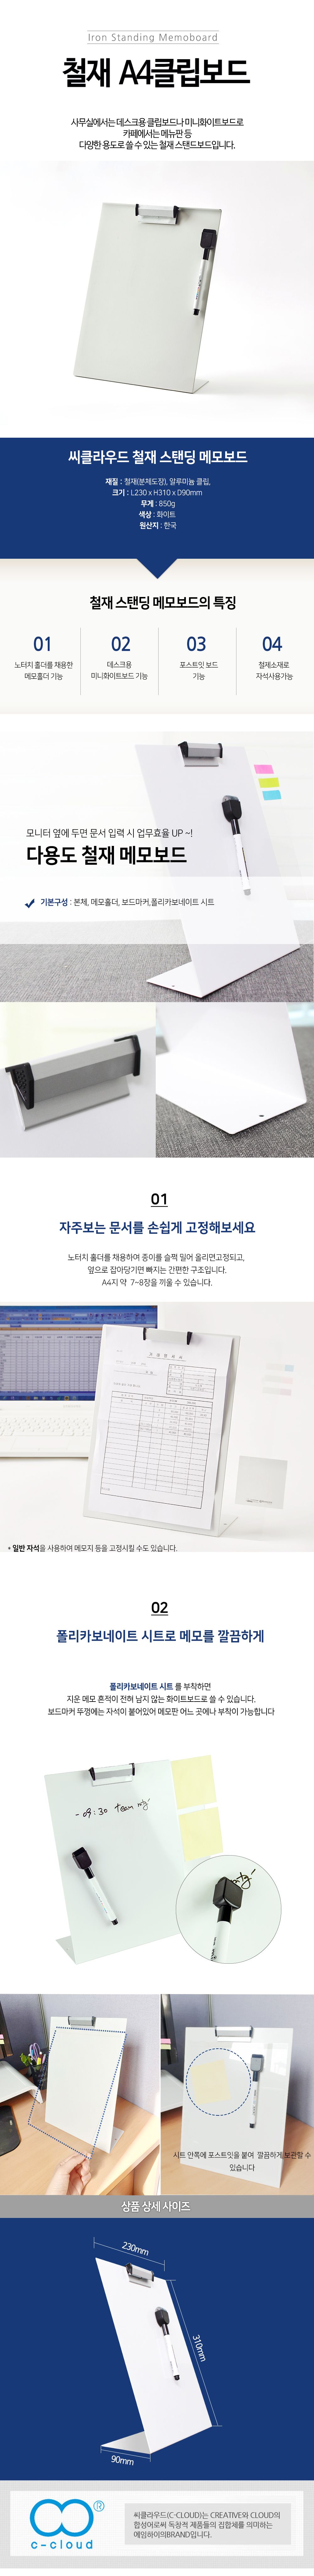 클립보드 미니화이트보드 게시판 메모보드 - 에임하이, 14,000원, 메모/점착메모, 메모패드